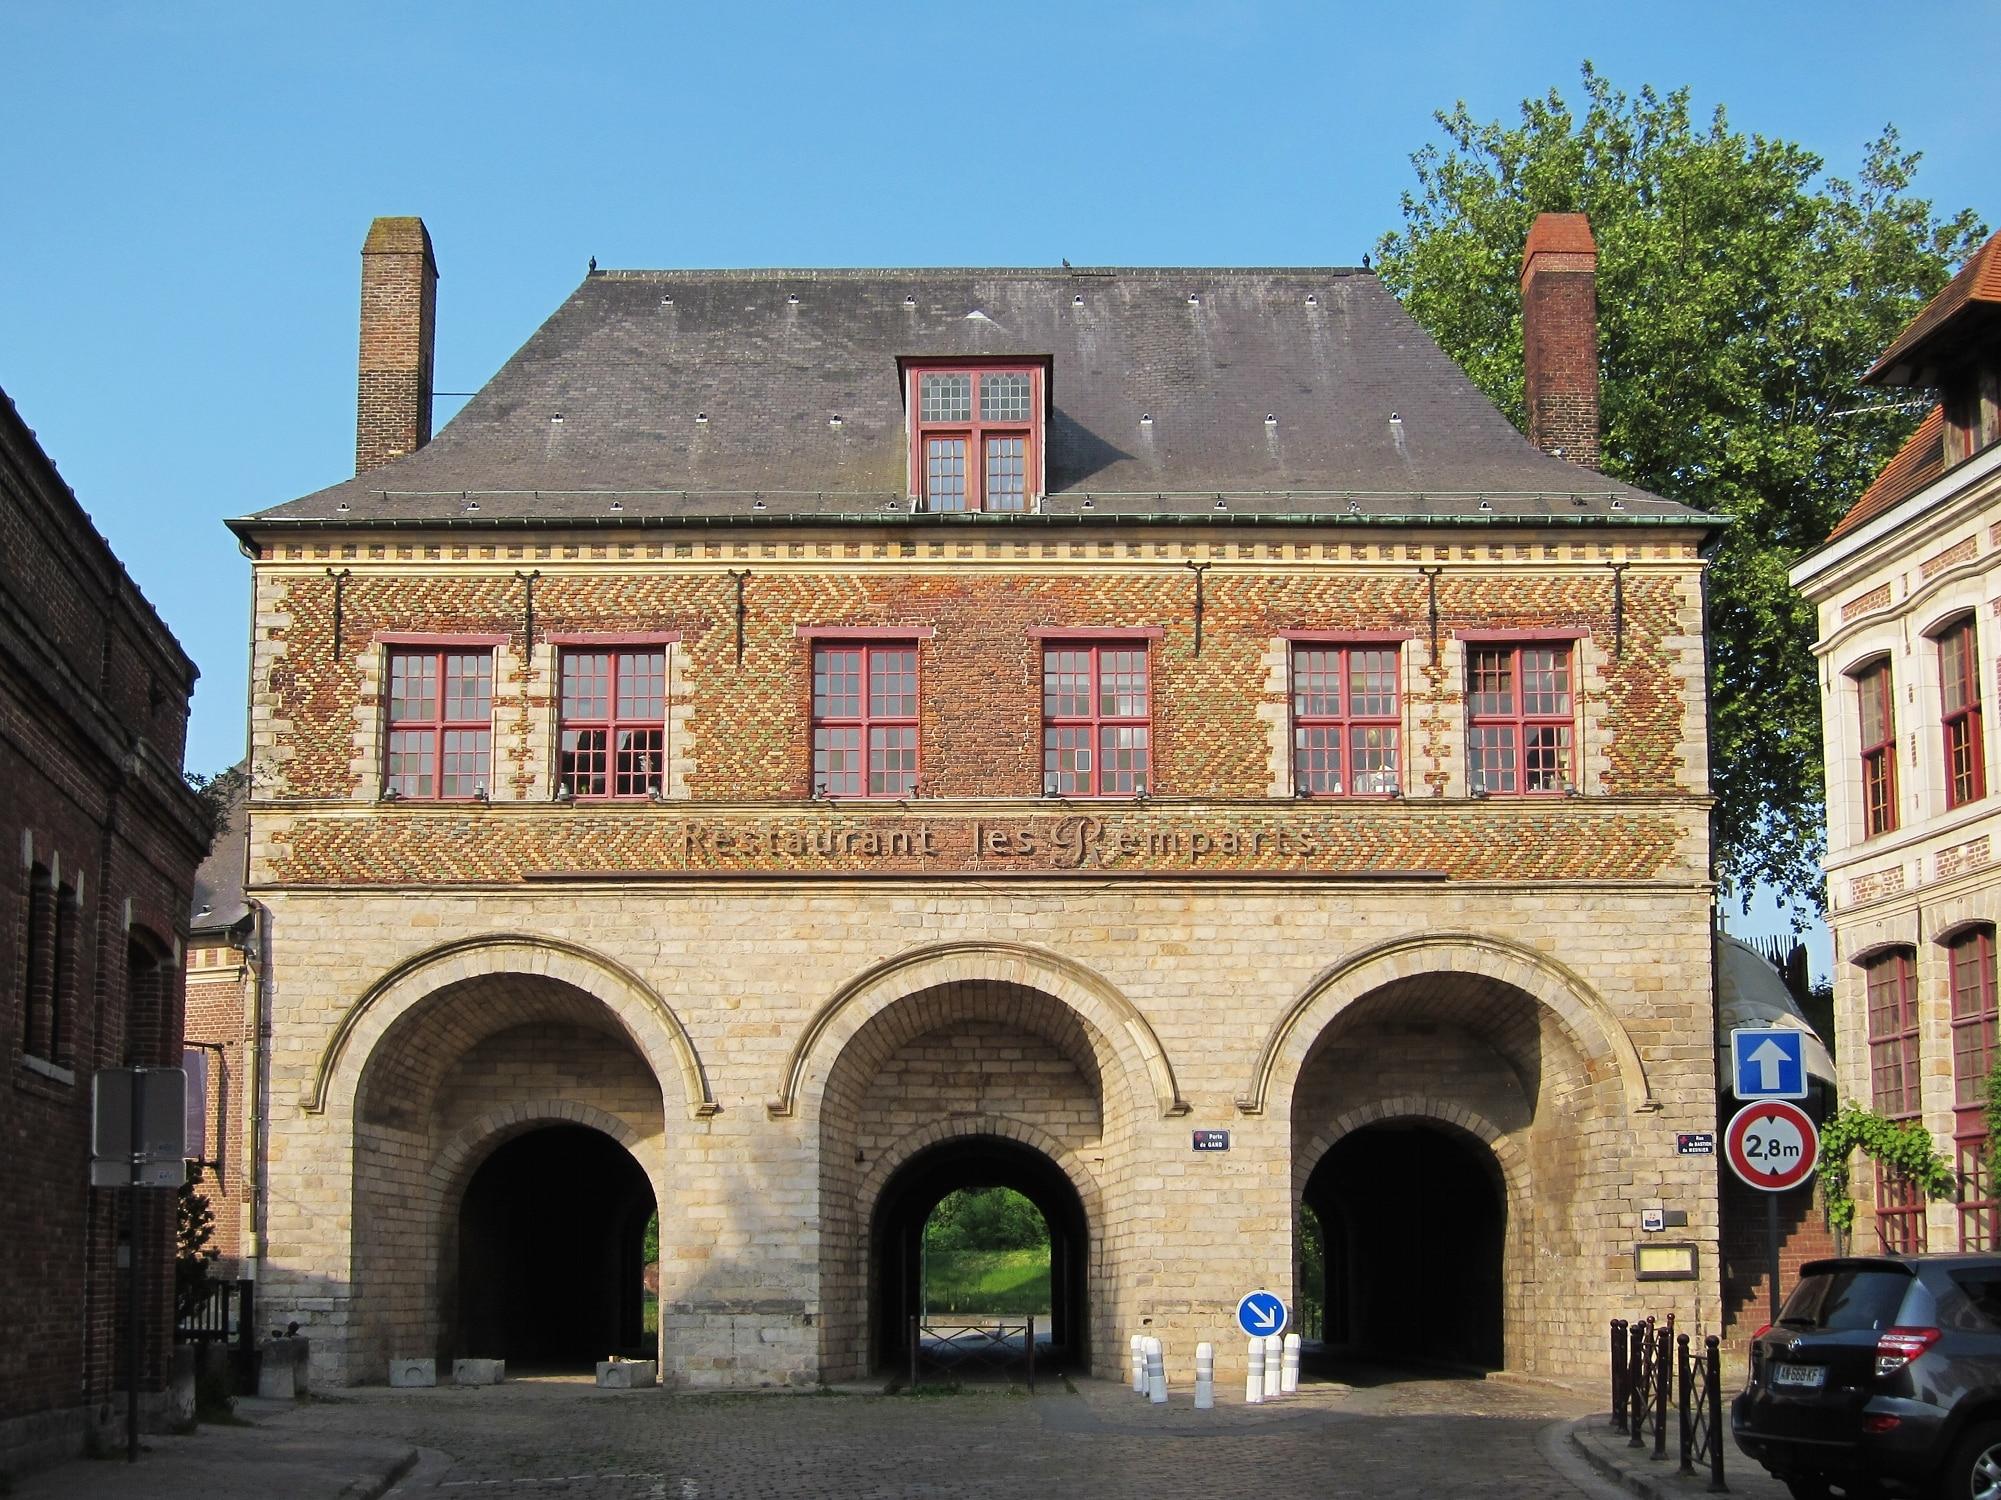 La porte de gand à Lille